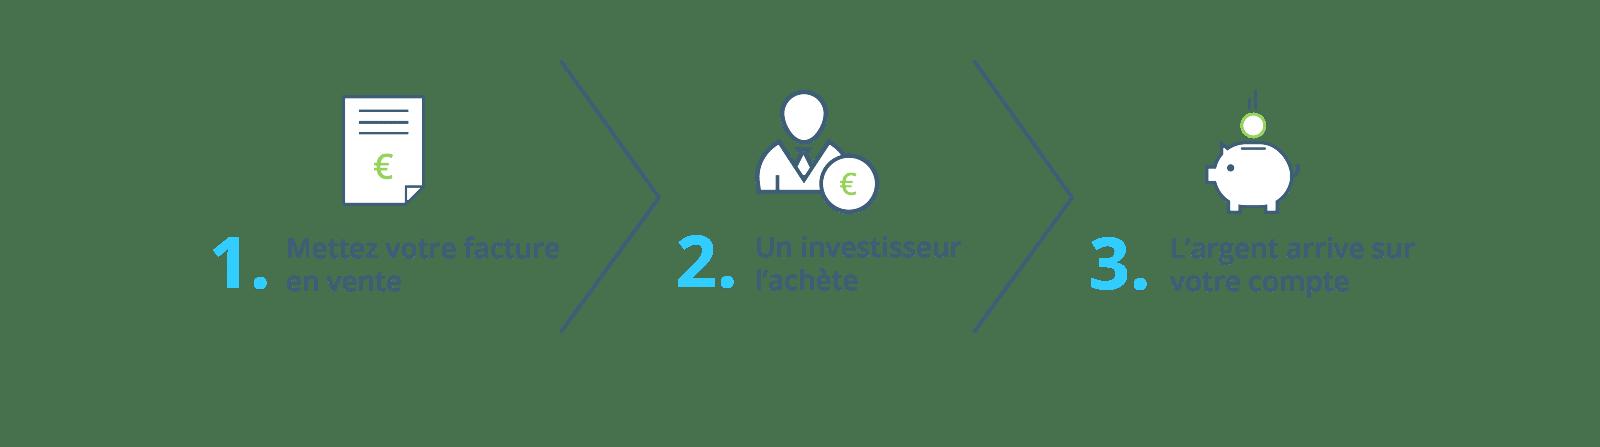 Edebex - homepage - schéma explicatif